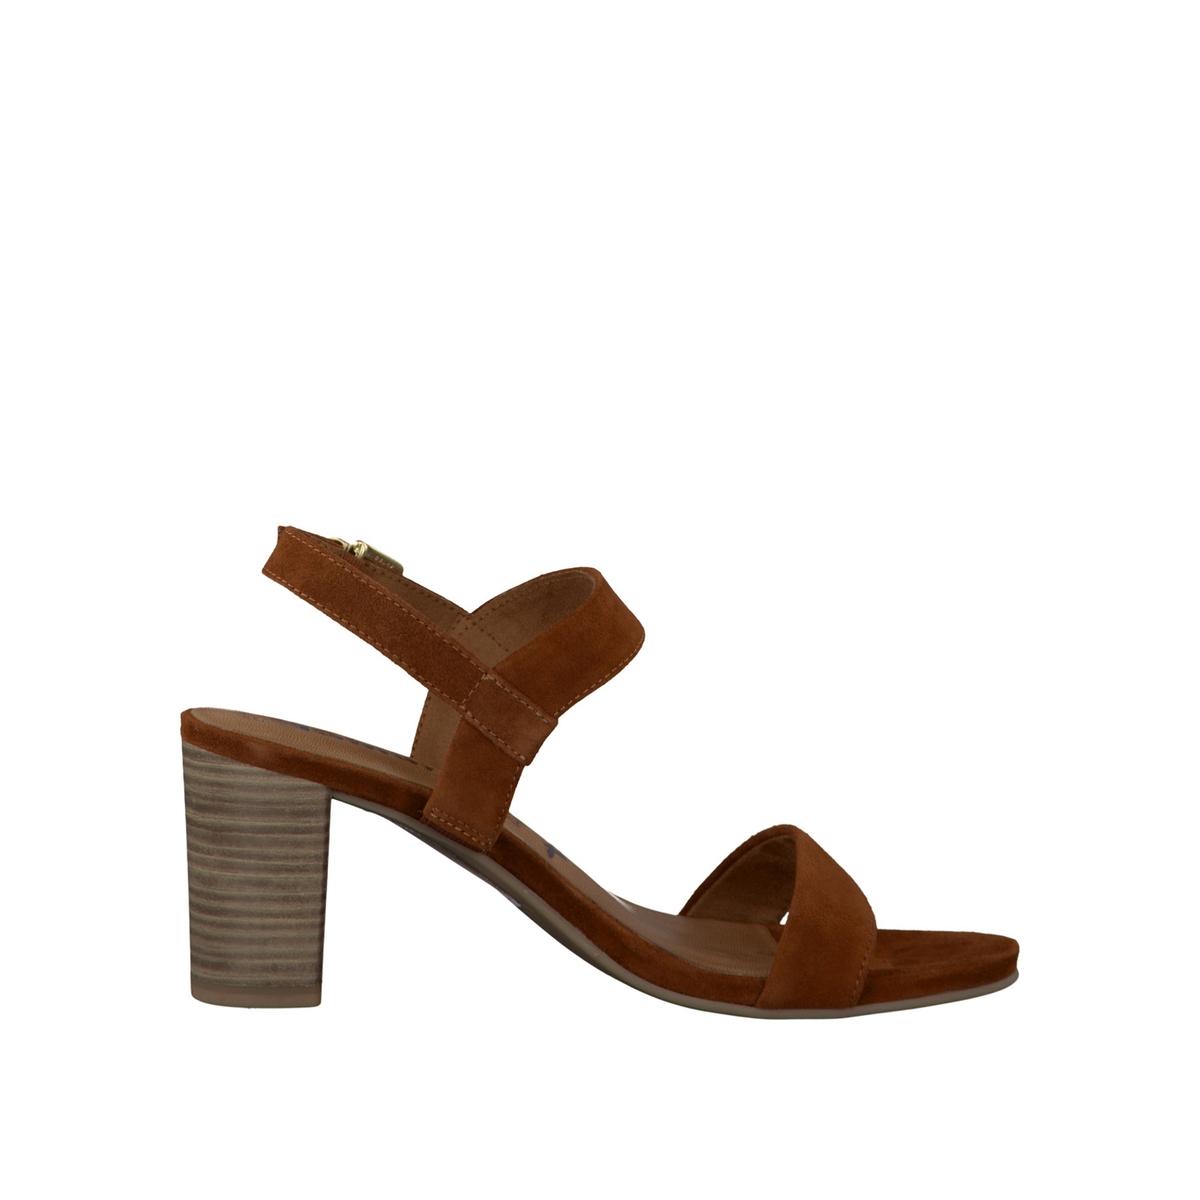 Босоножки кожаные 28321-28Верх/Голенище : кожа    Подкладка : текстиль    Стелька : кожа    Подошва : синтетика    Высота каблука : 7 см    Форма каблука : квадратный каблук    Мысок : закругленный мысок    Застежка : пряжка<br><br>Цвет: каштановый,черный<br>Размер: 40